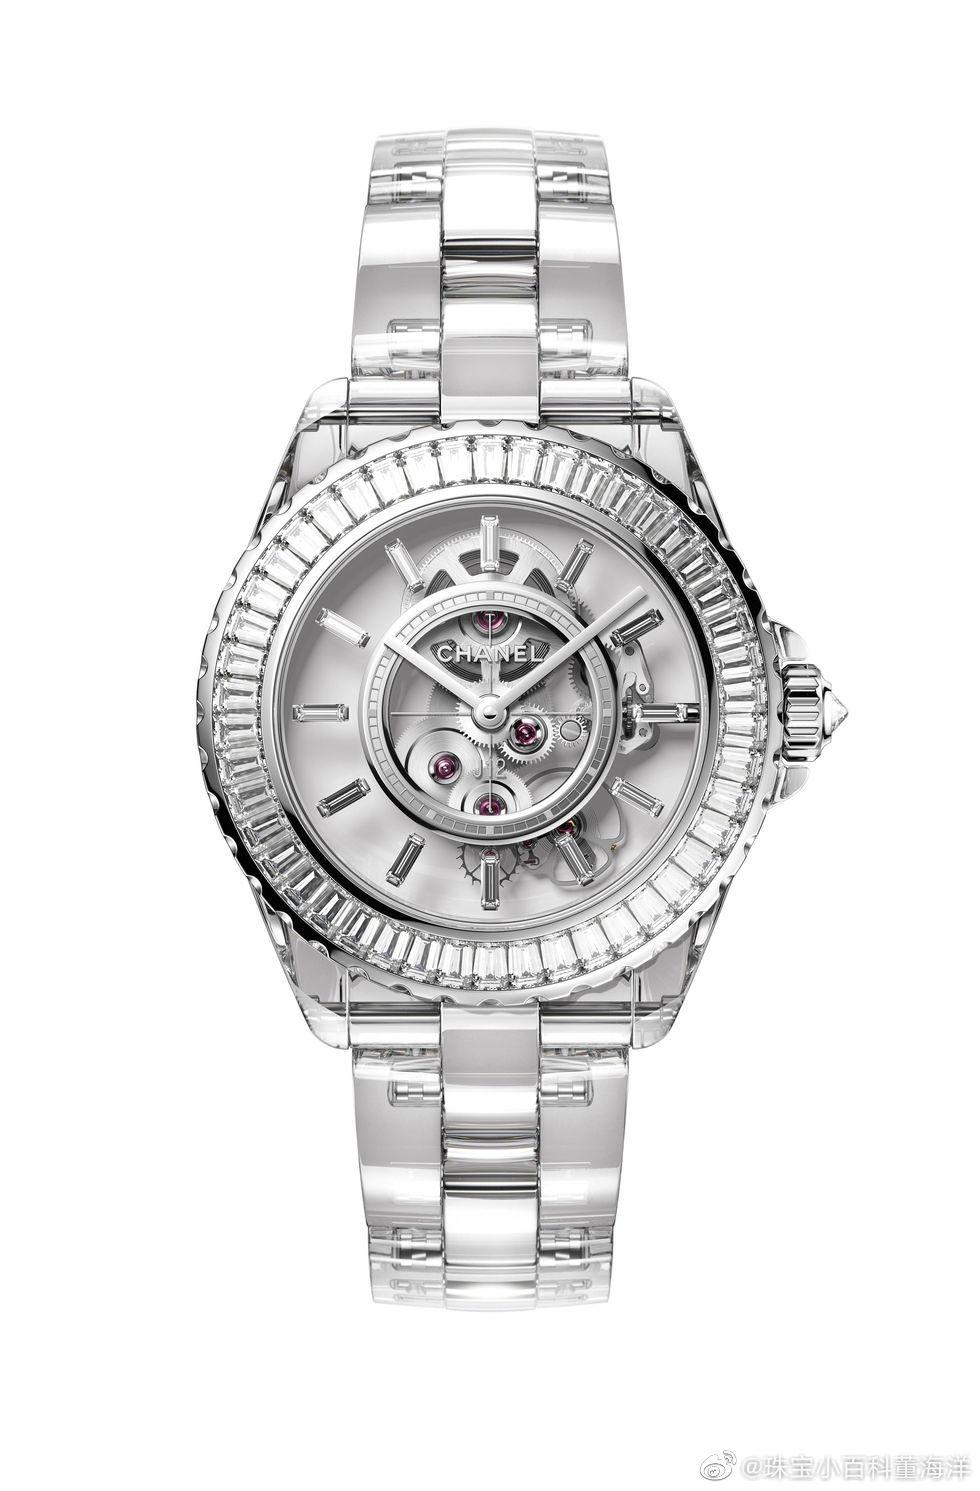 今年上半年的高级珠宝腕表一览,各品牌都有,不是不好看